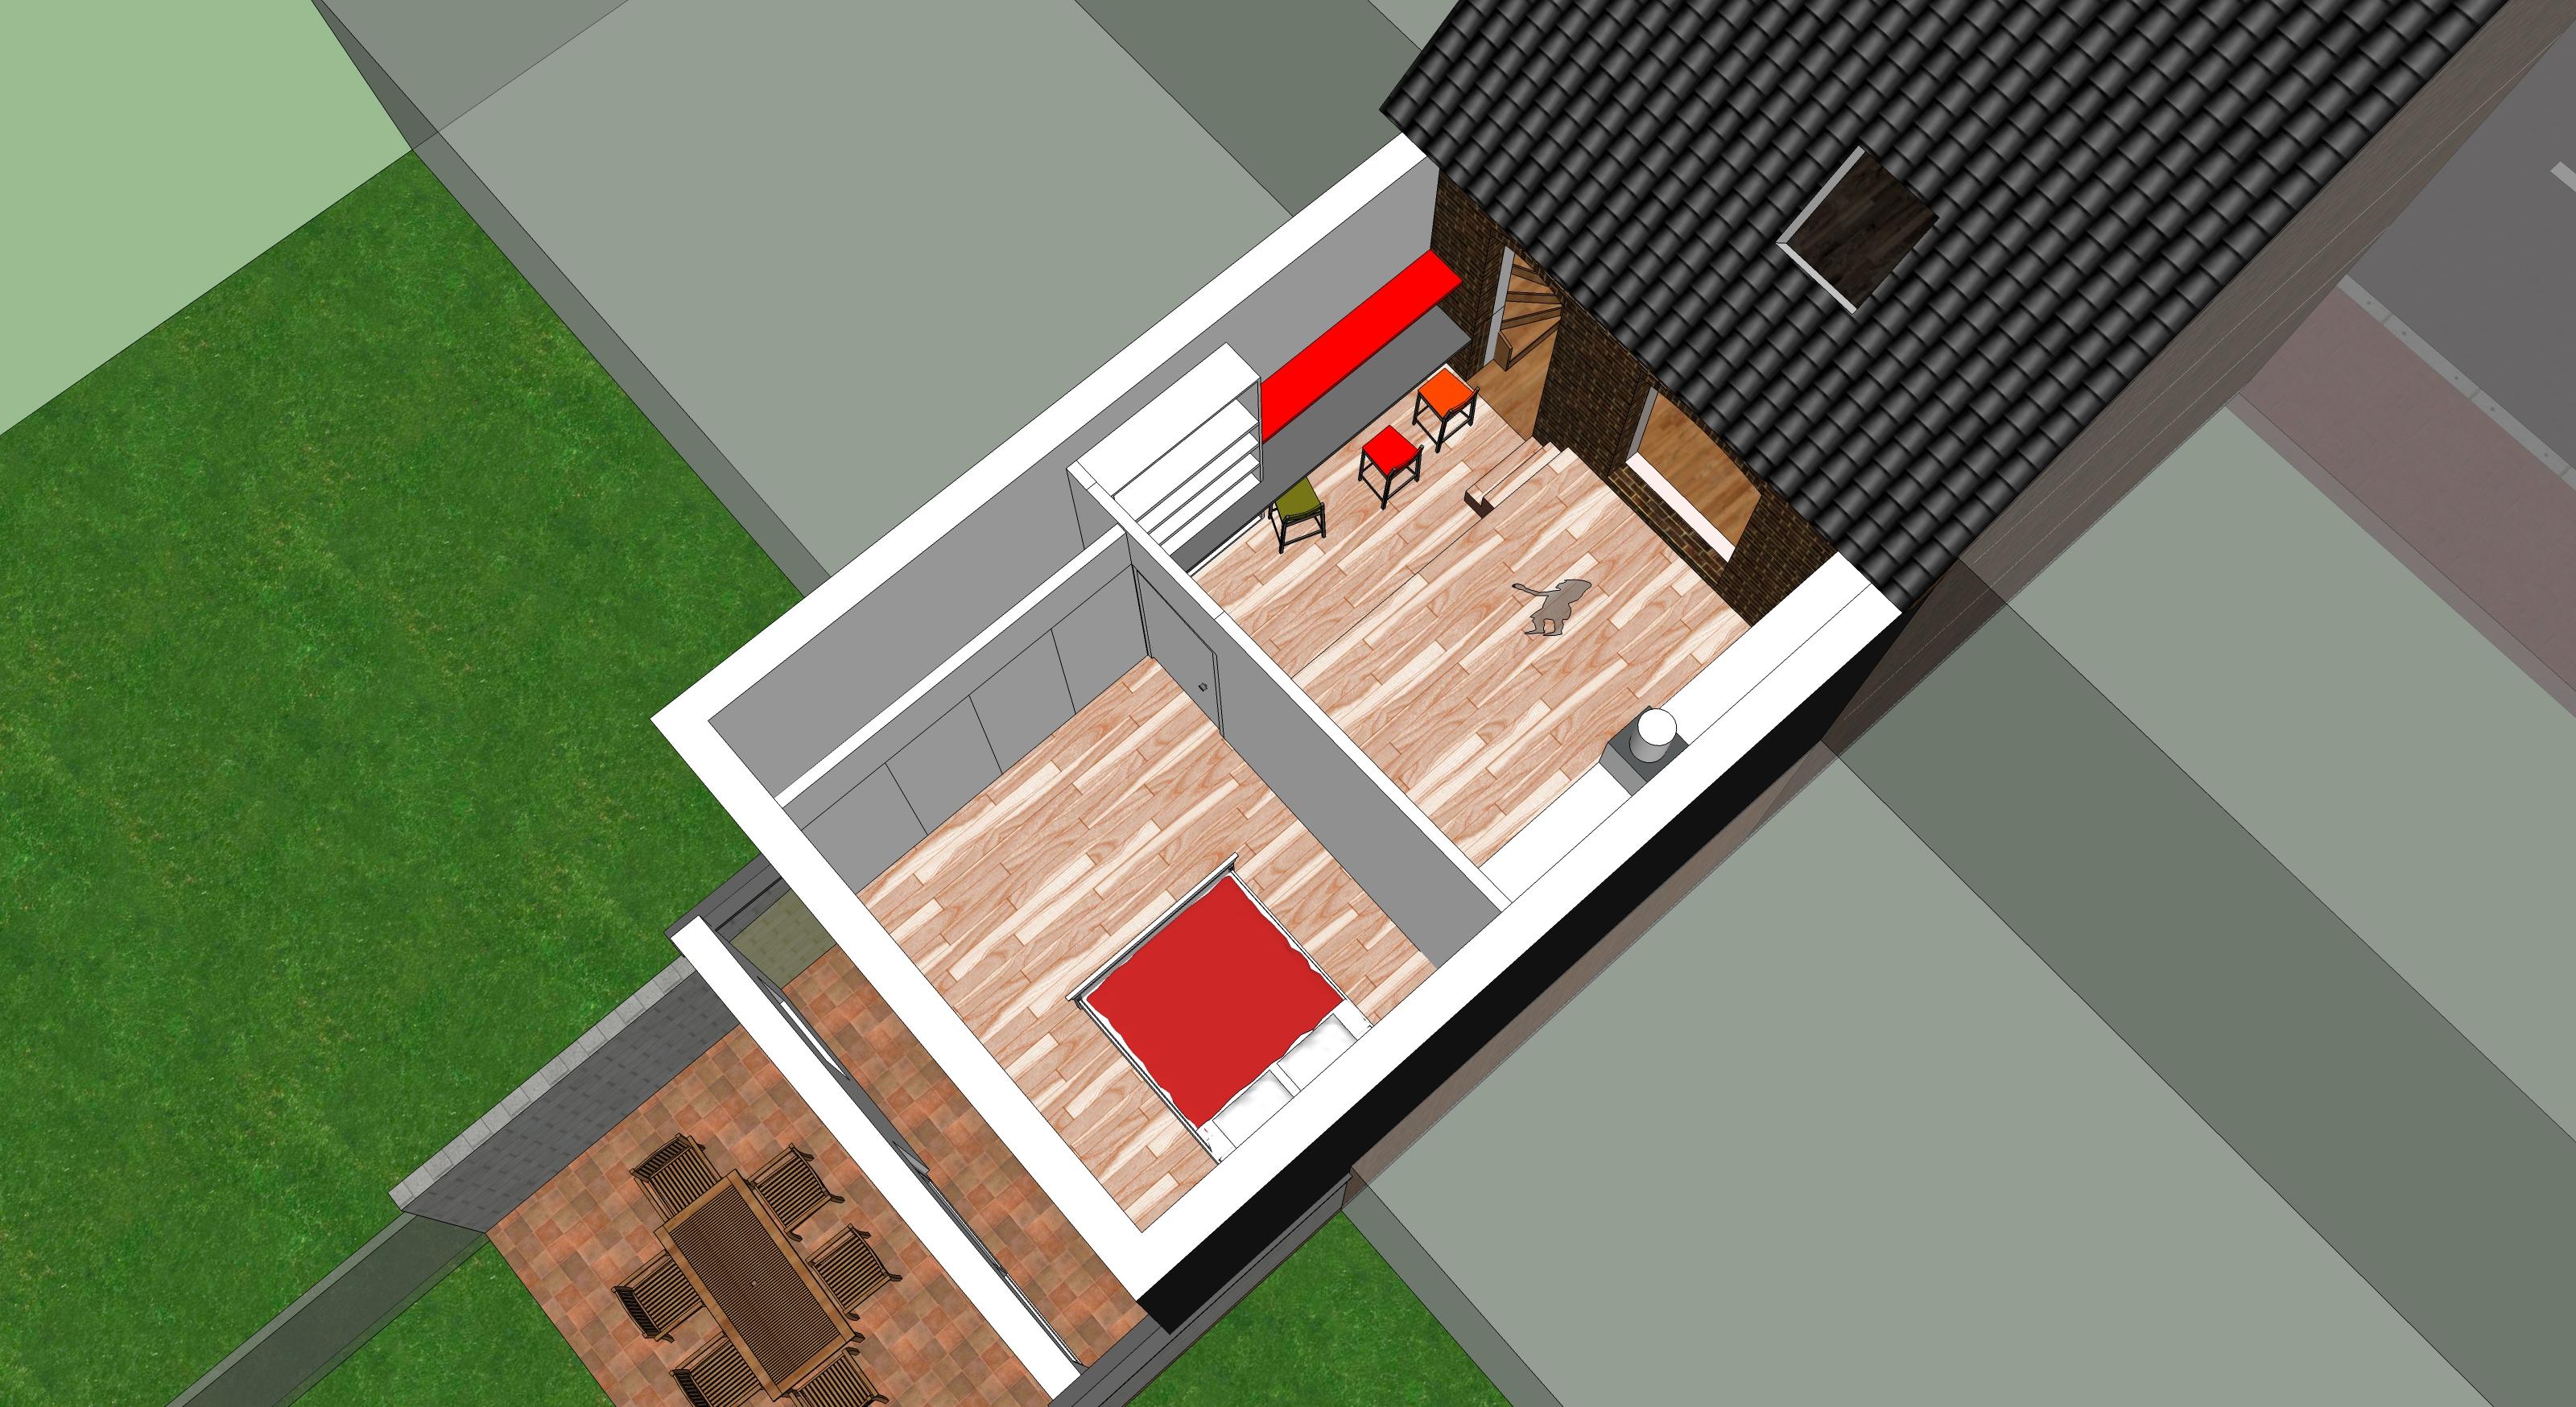 3D-MONFRONT-PROJET-V3-19-02-14-vue3